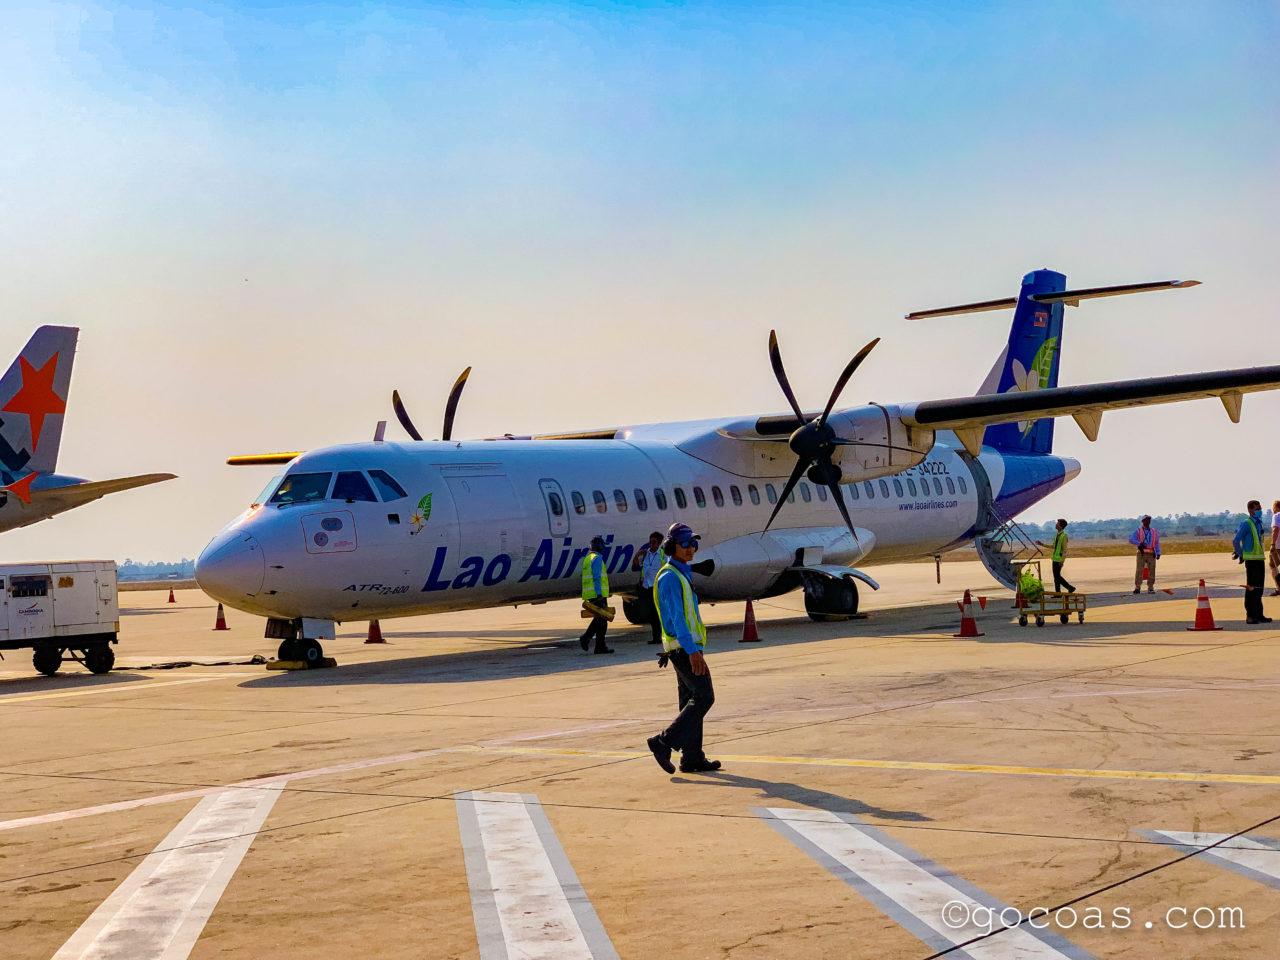 シェムリアップ国際空港のラオス航空の飛行機の外観